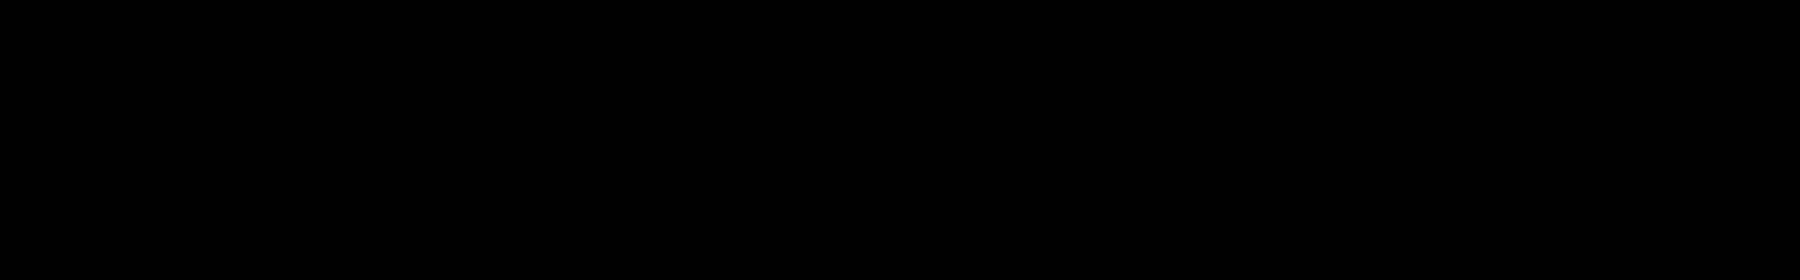 Windowed audio waveform